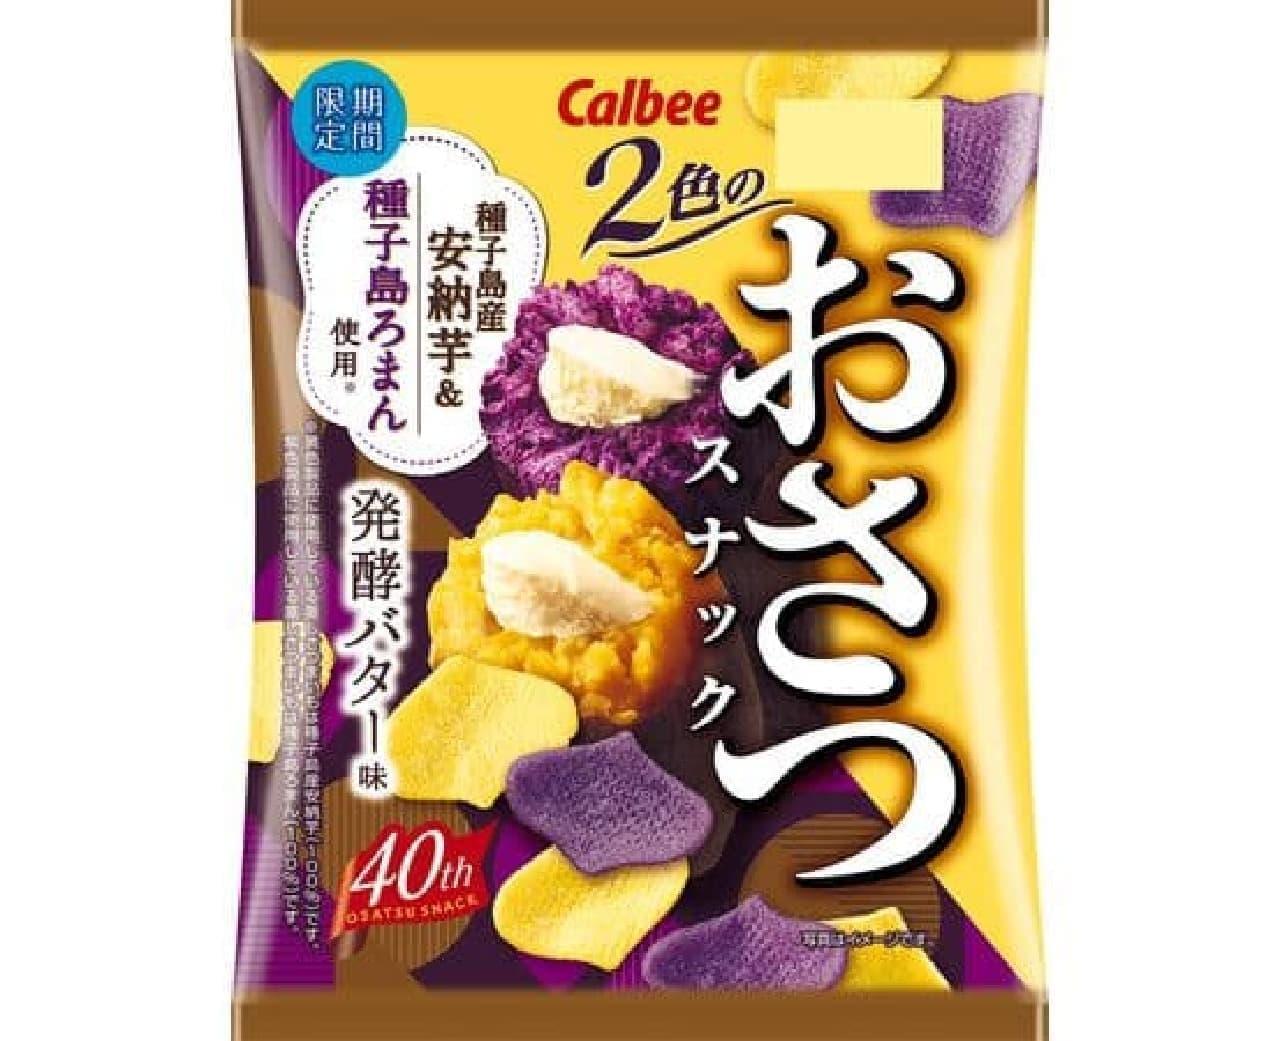 カルビー「2色のおさつスナック 発酵バター味